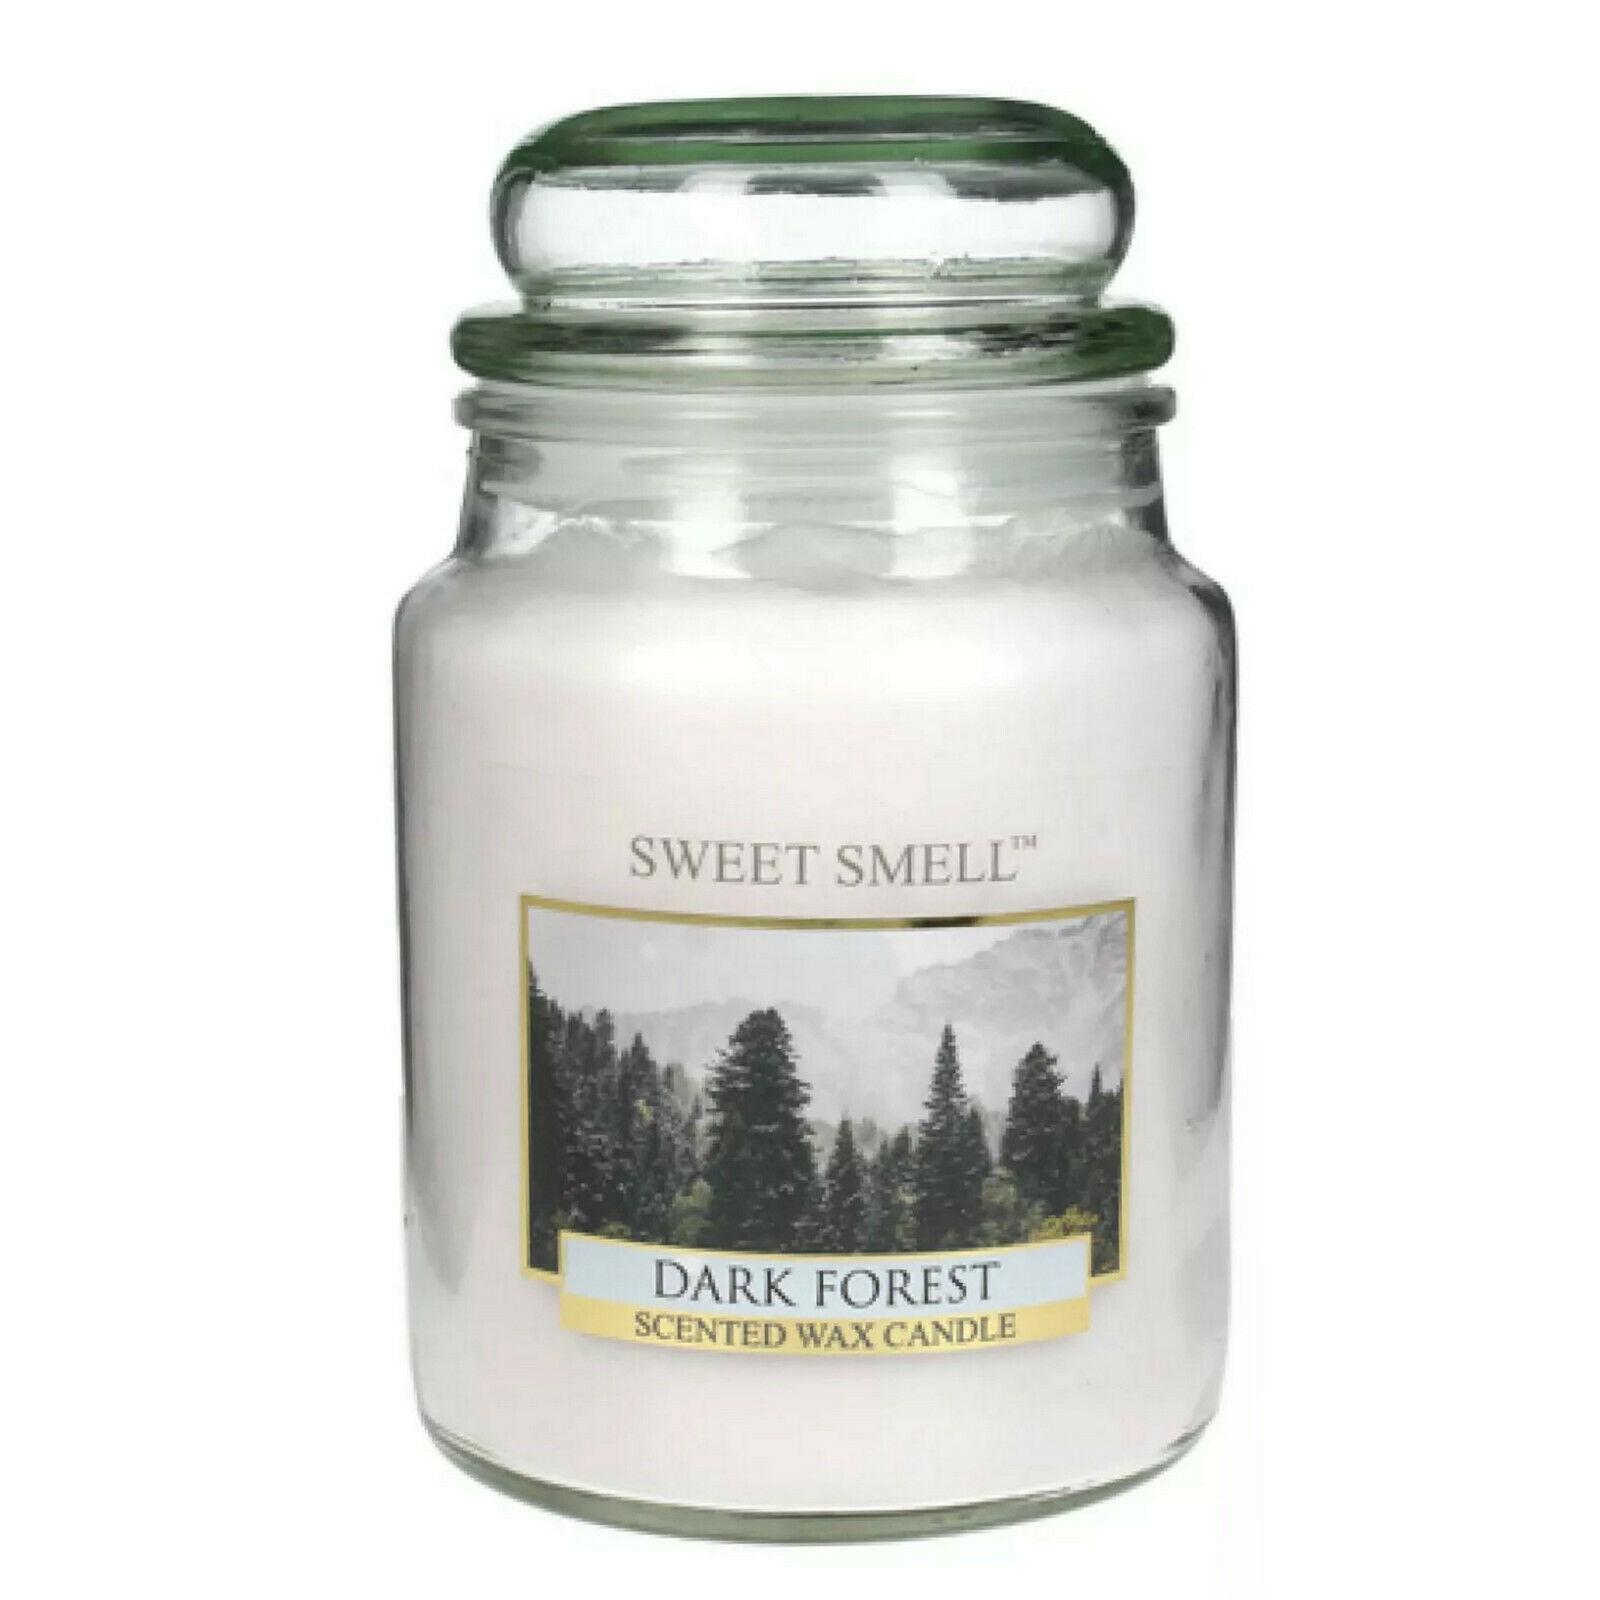 SWEET SMELL Duftkerze im Glas 165x100 mm 568g Wachs Großes Kerzenglas mit Deckel